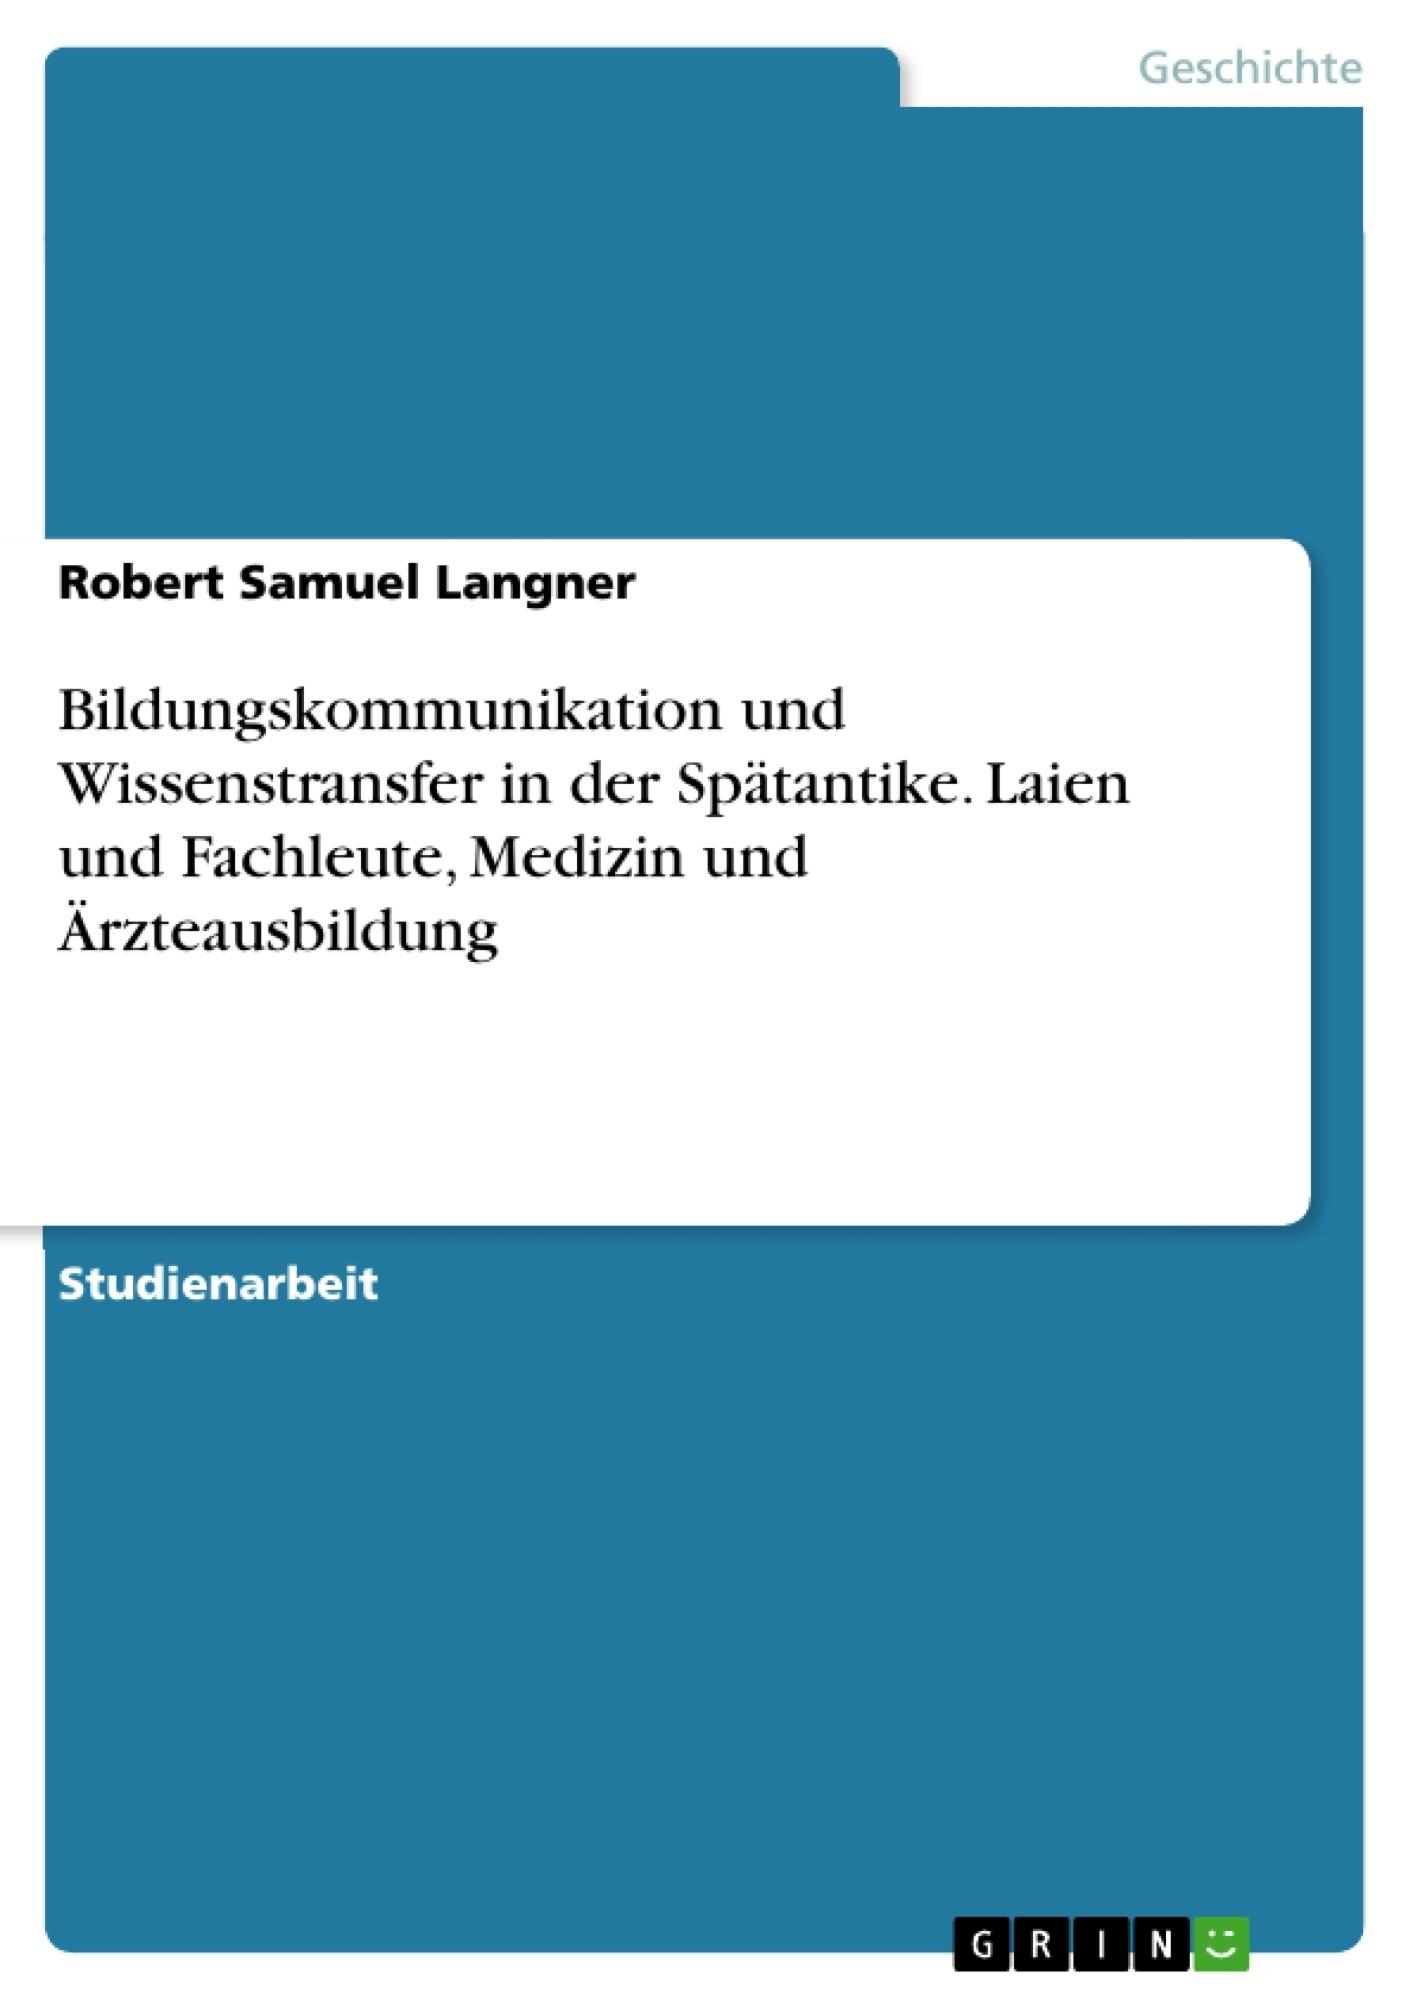 Titel: Bildungskommunikation und Wissenstransfer in der Spätantike. Laien und Fachleute, Medizin und Ärzteausbildung